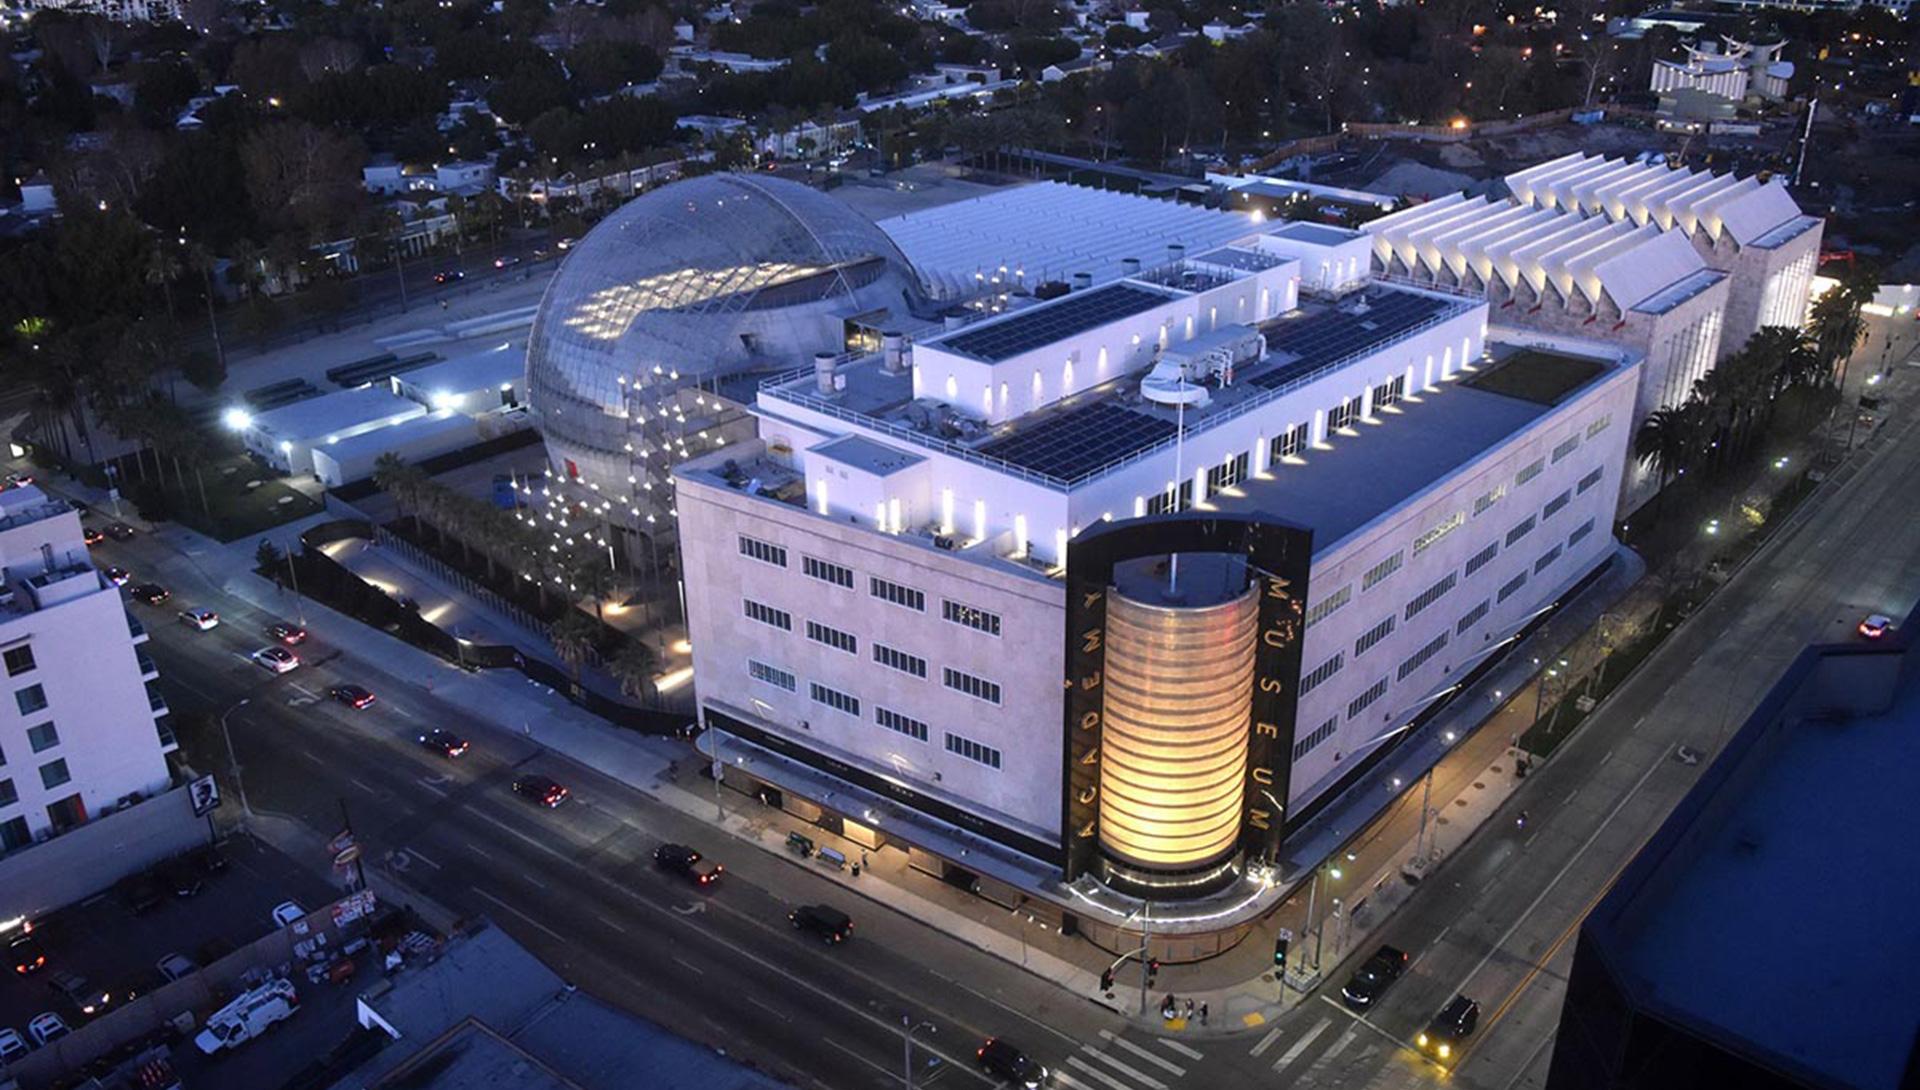 Музей Американской киноадемии в Лос-Анджелесе по проекту Ренцо Пьяно